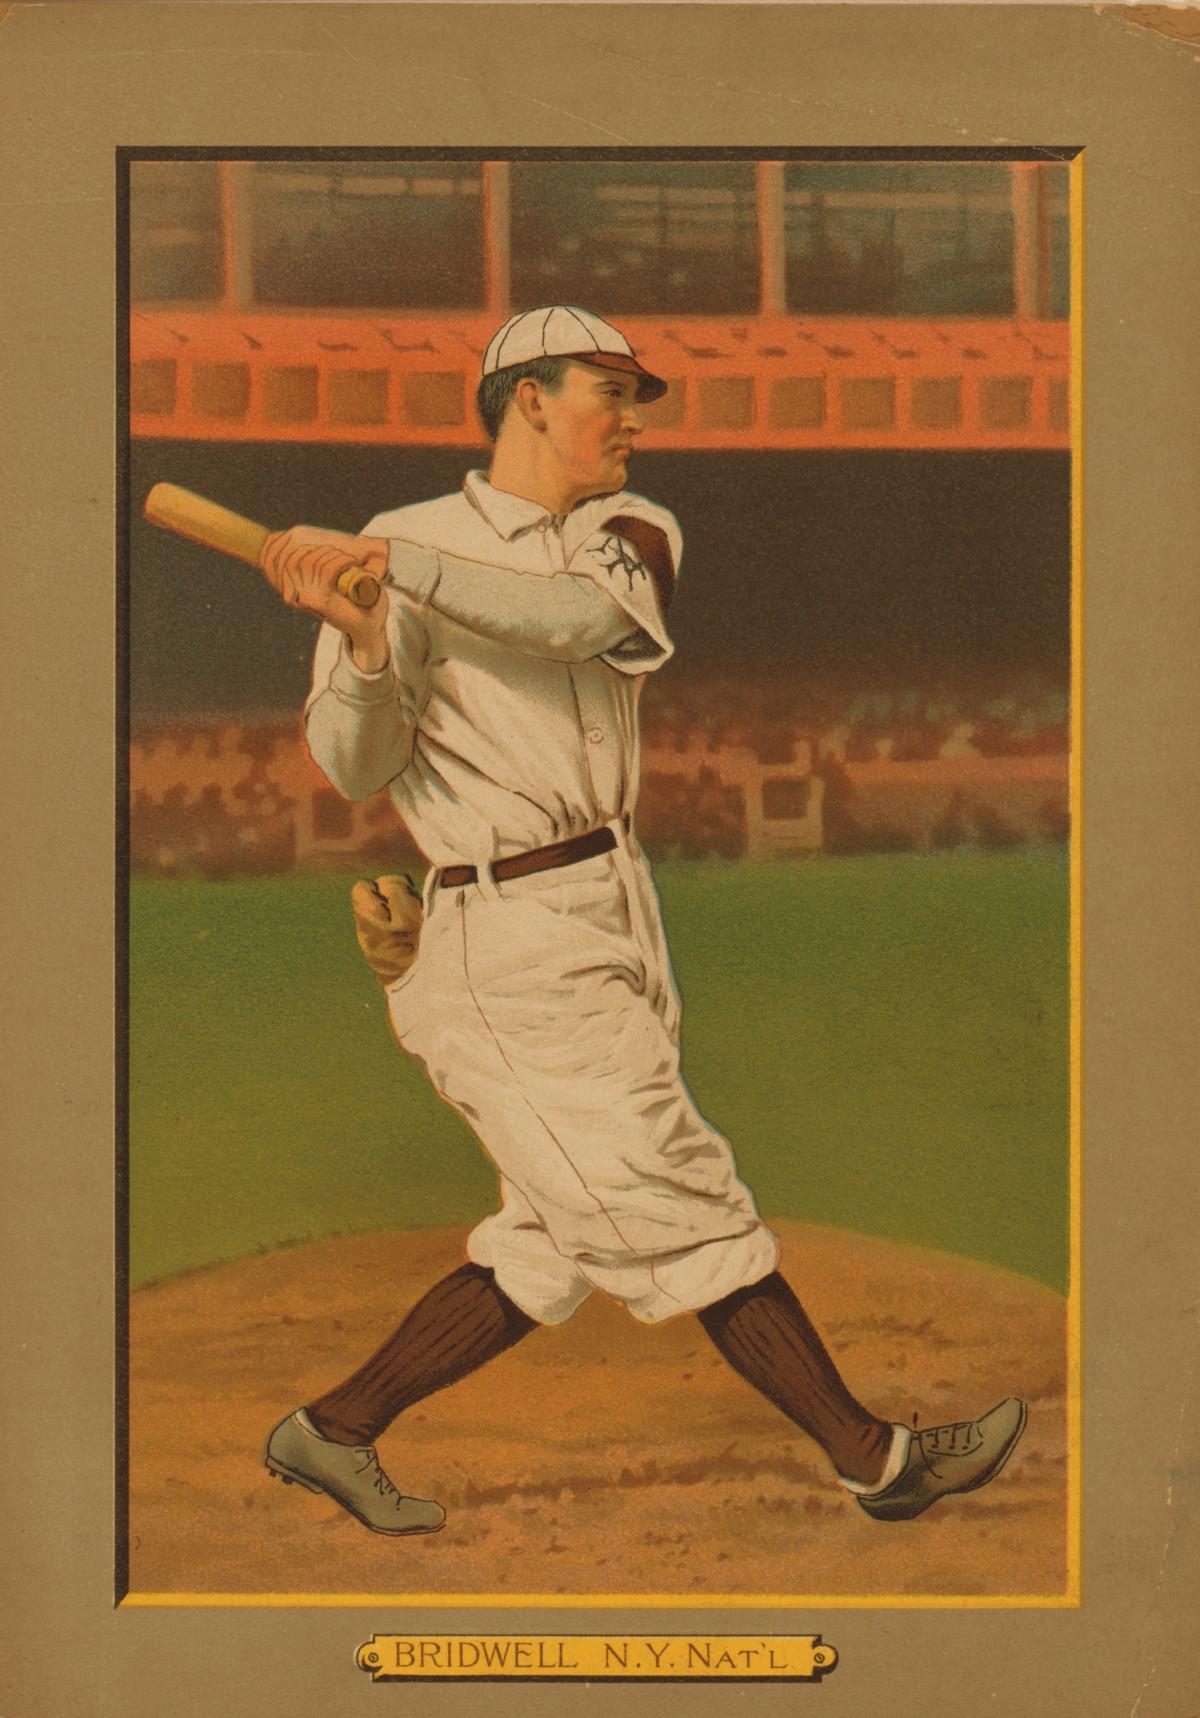 whity herzogs vintage base ball card newsweekvow ga